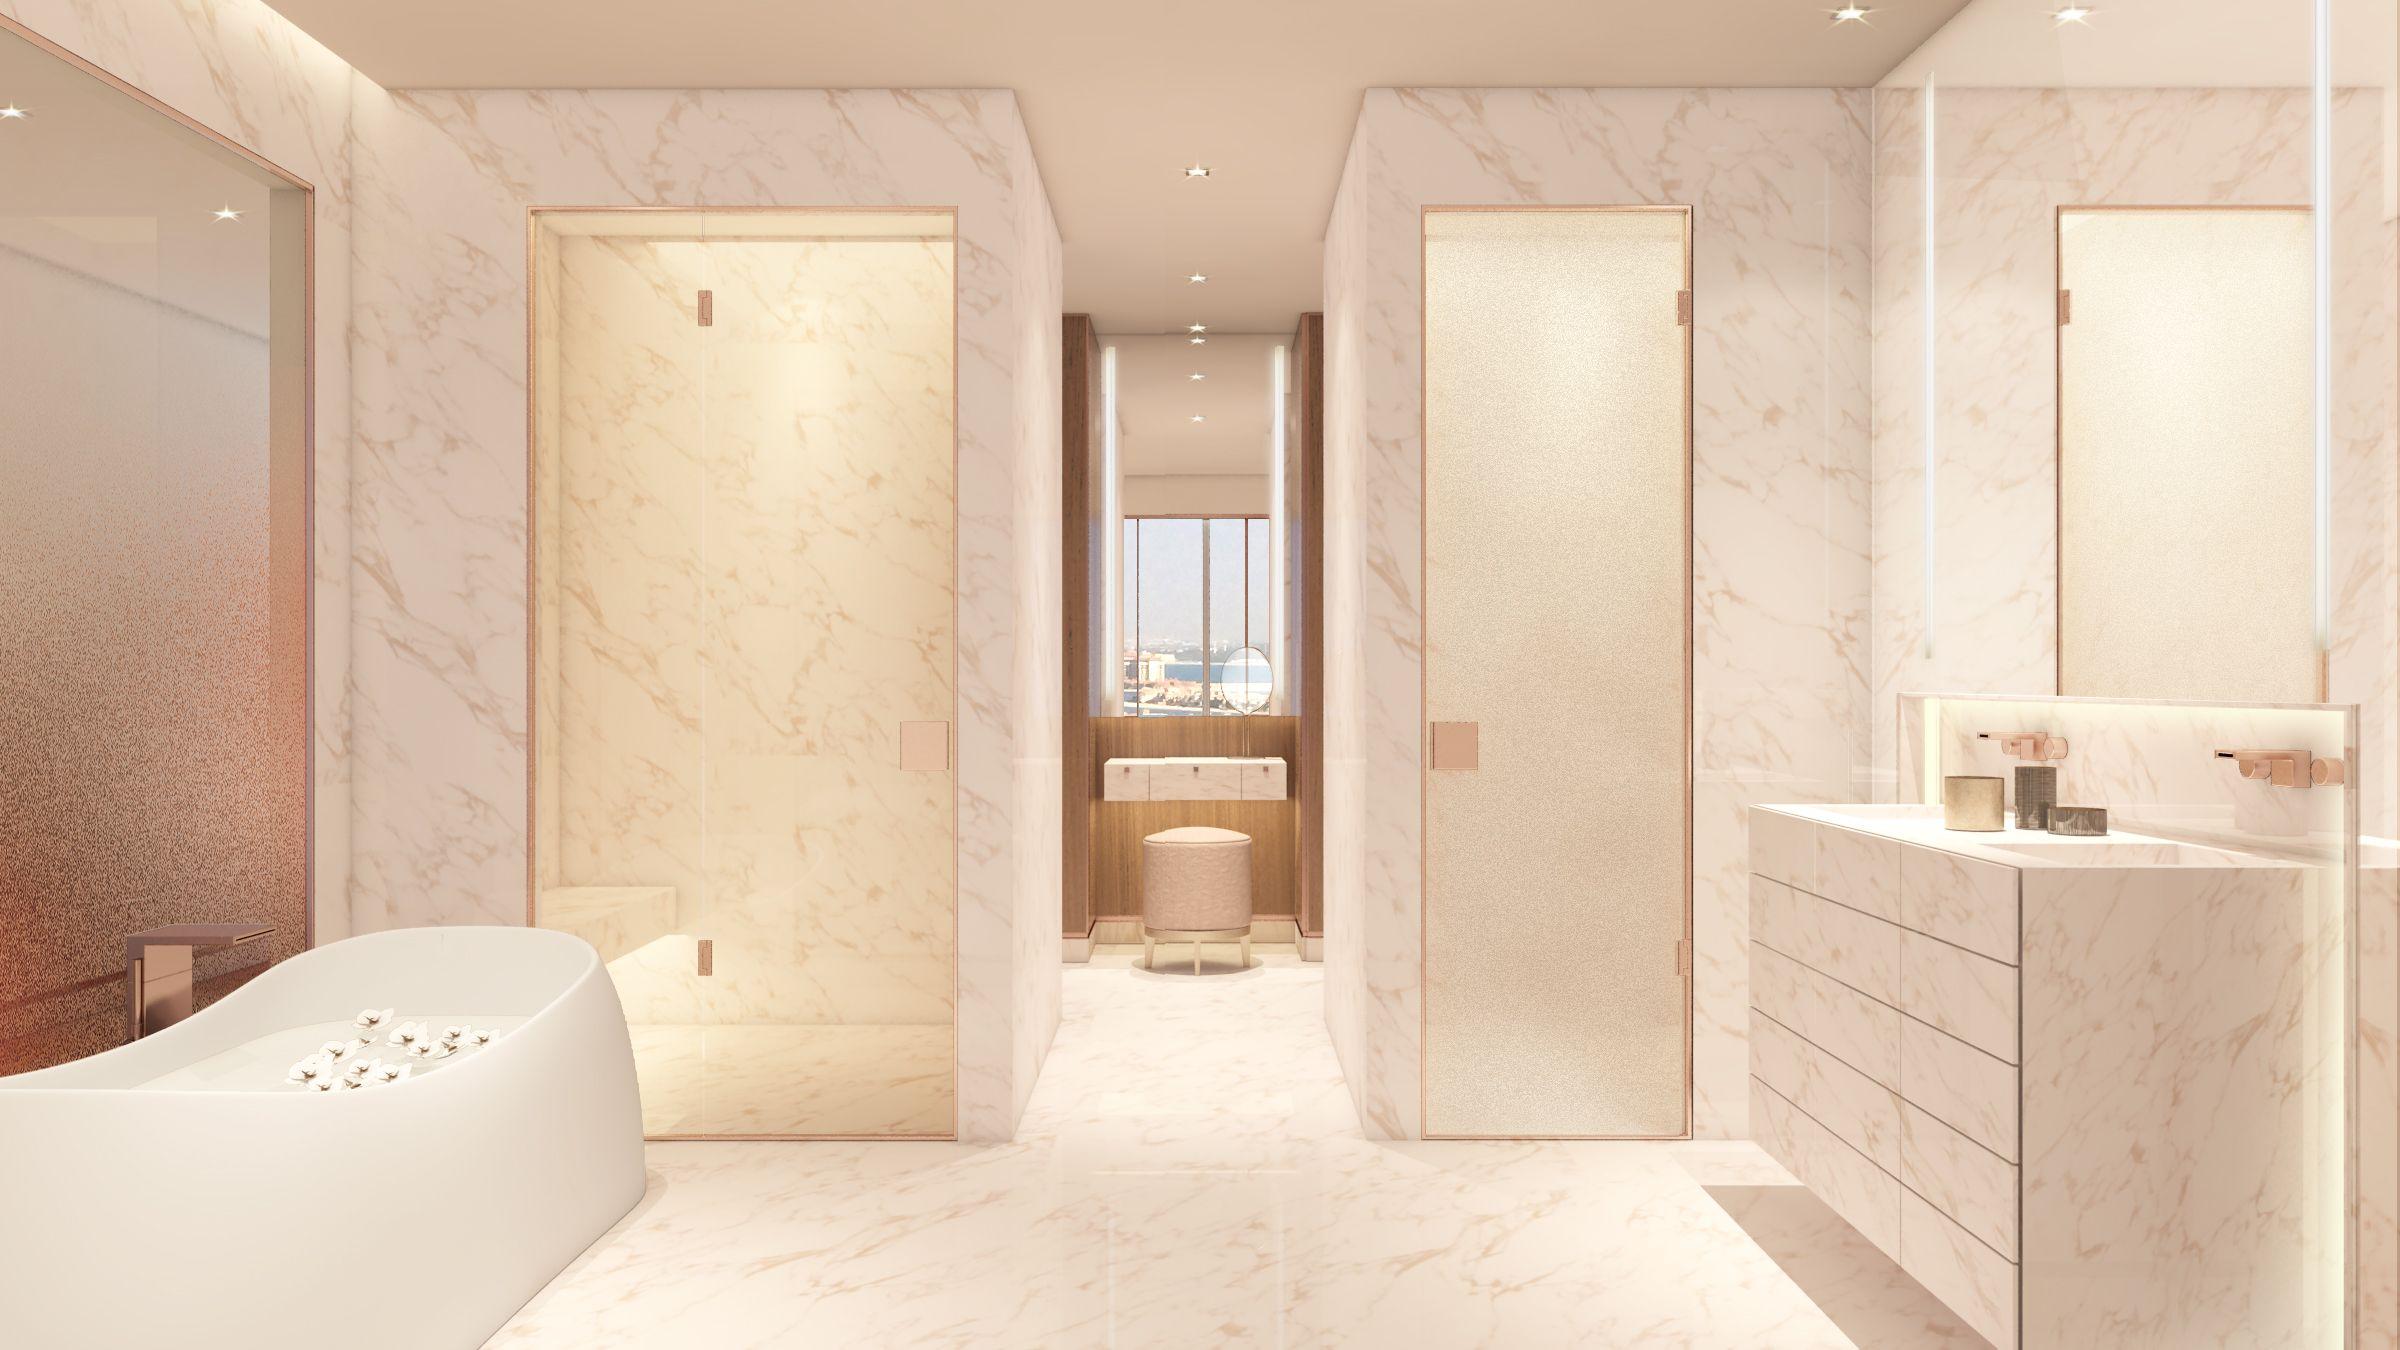 Une salle de bain classe et spacieuse par sybille de - Astuce deco salle de bain ...